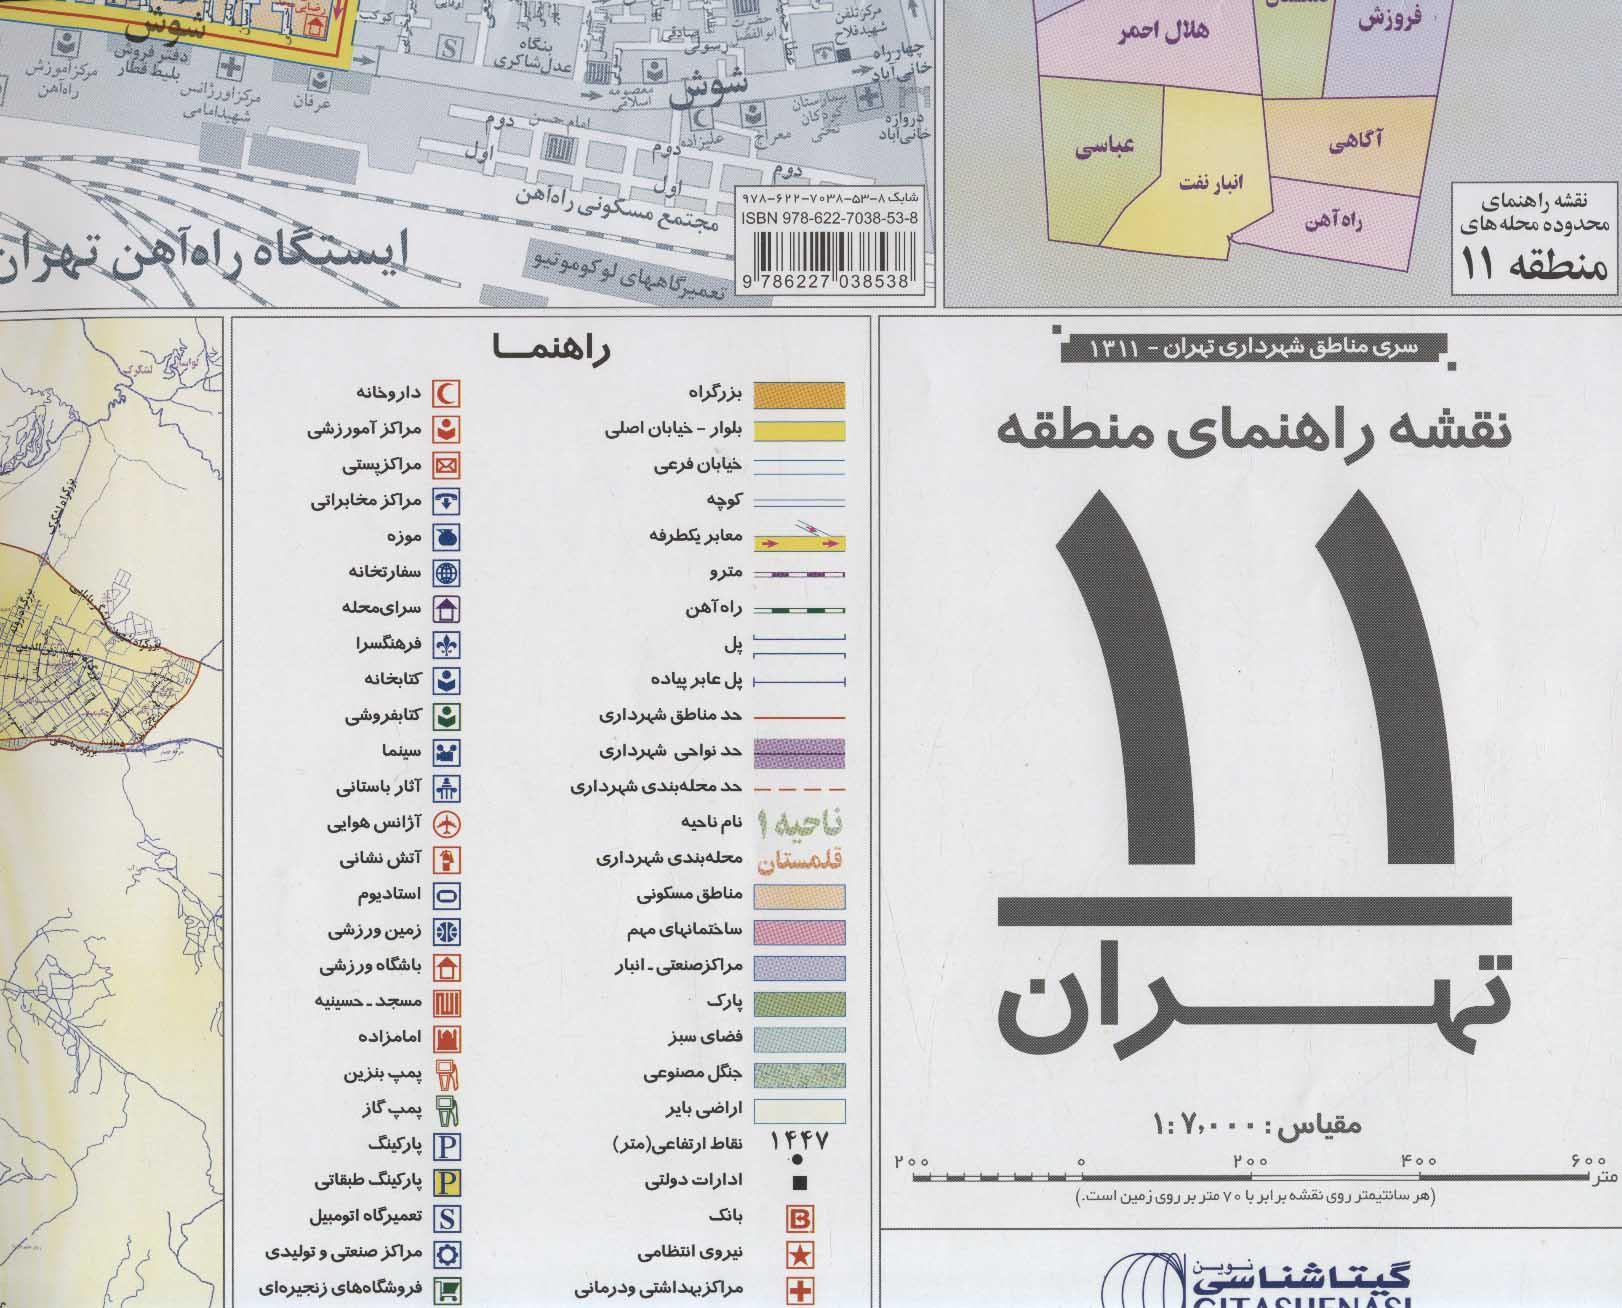 نقشه راهنمای منطقه11 تهران کد 1311 (گلاسه)